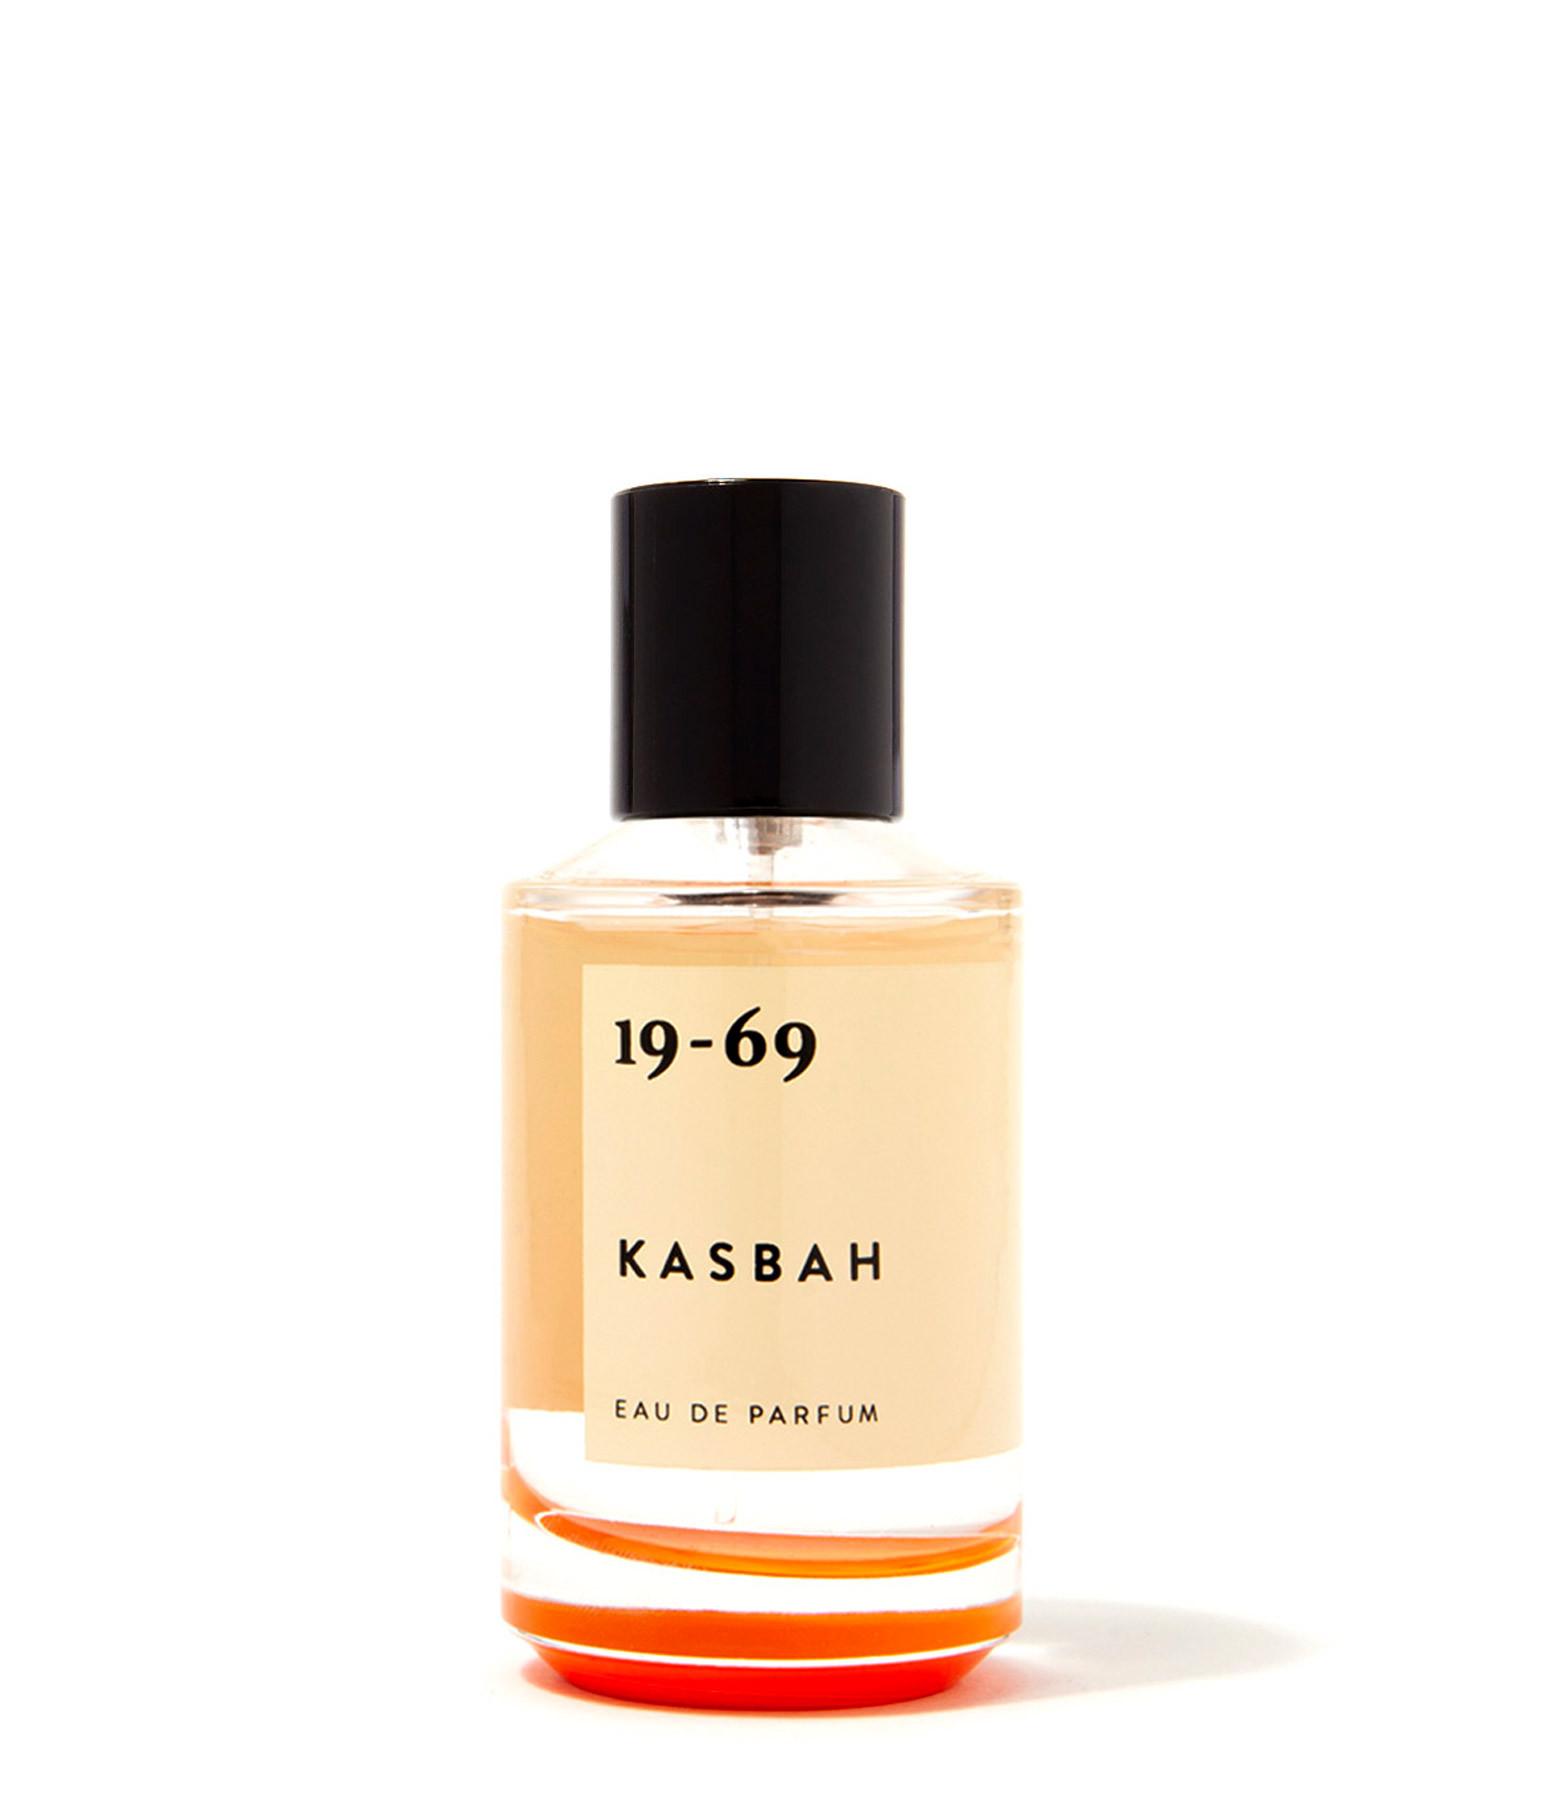 19-69 - Eau de Parfum Kasbah 100 ml